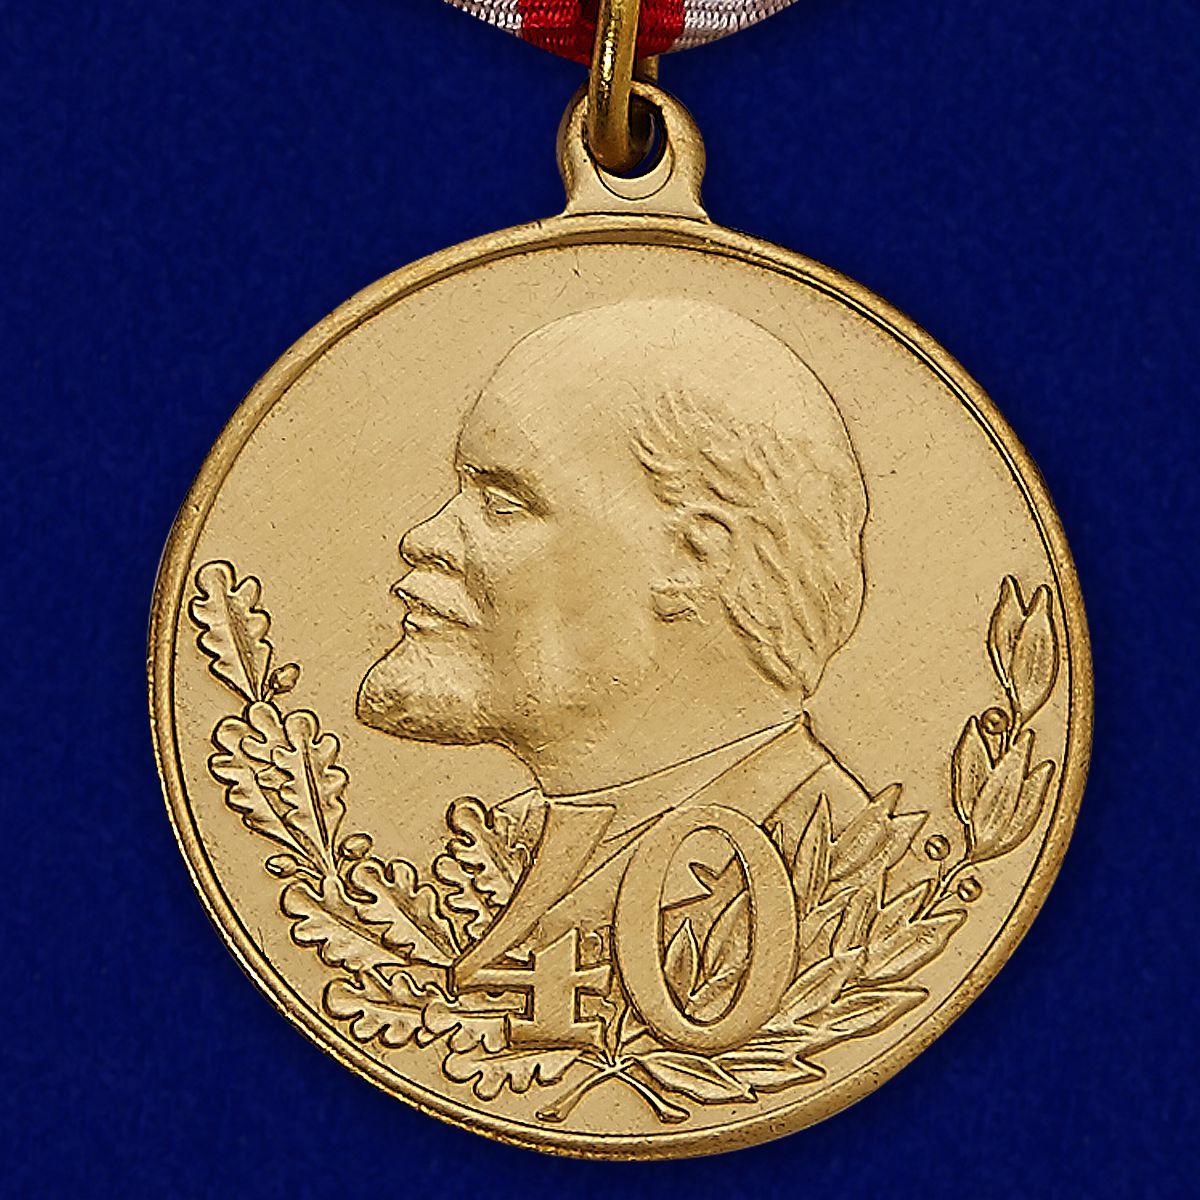 Муляжи советских наград в Калининграде